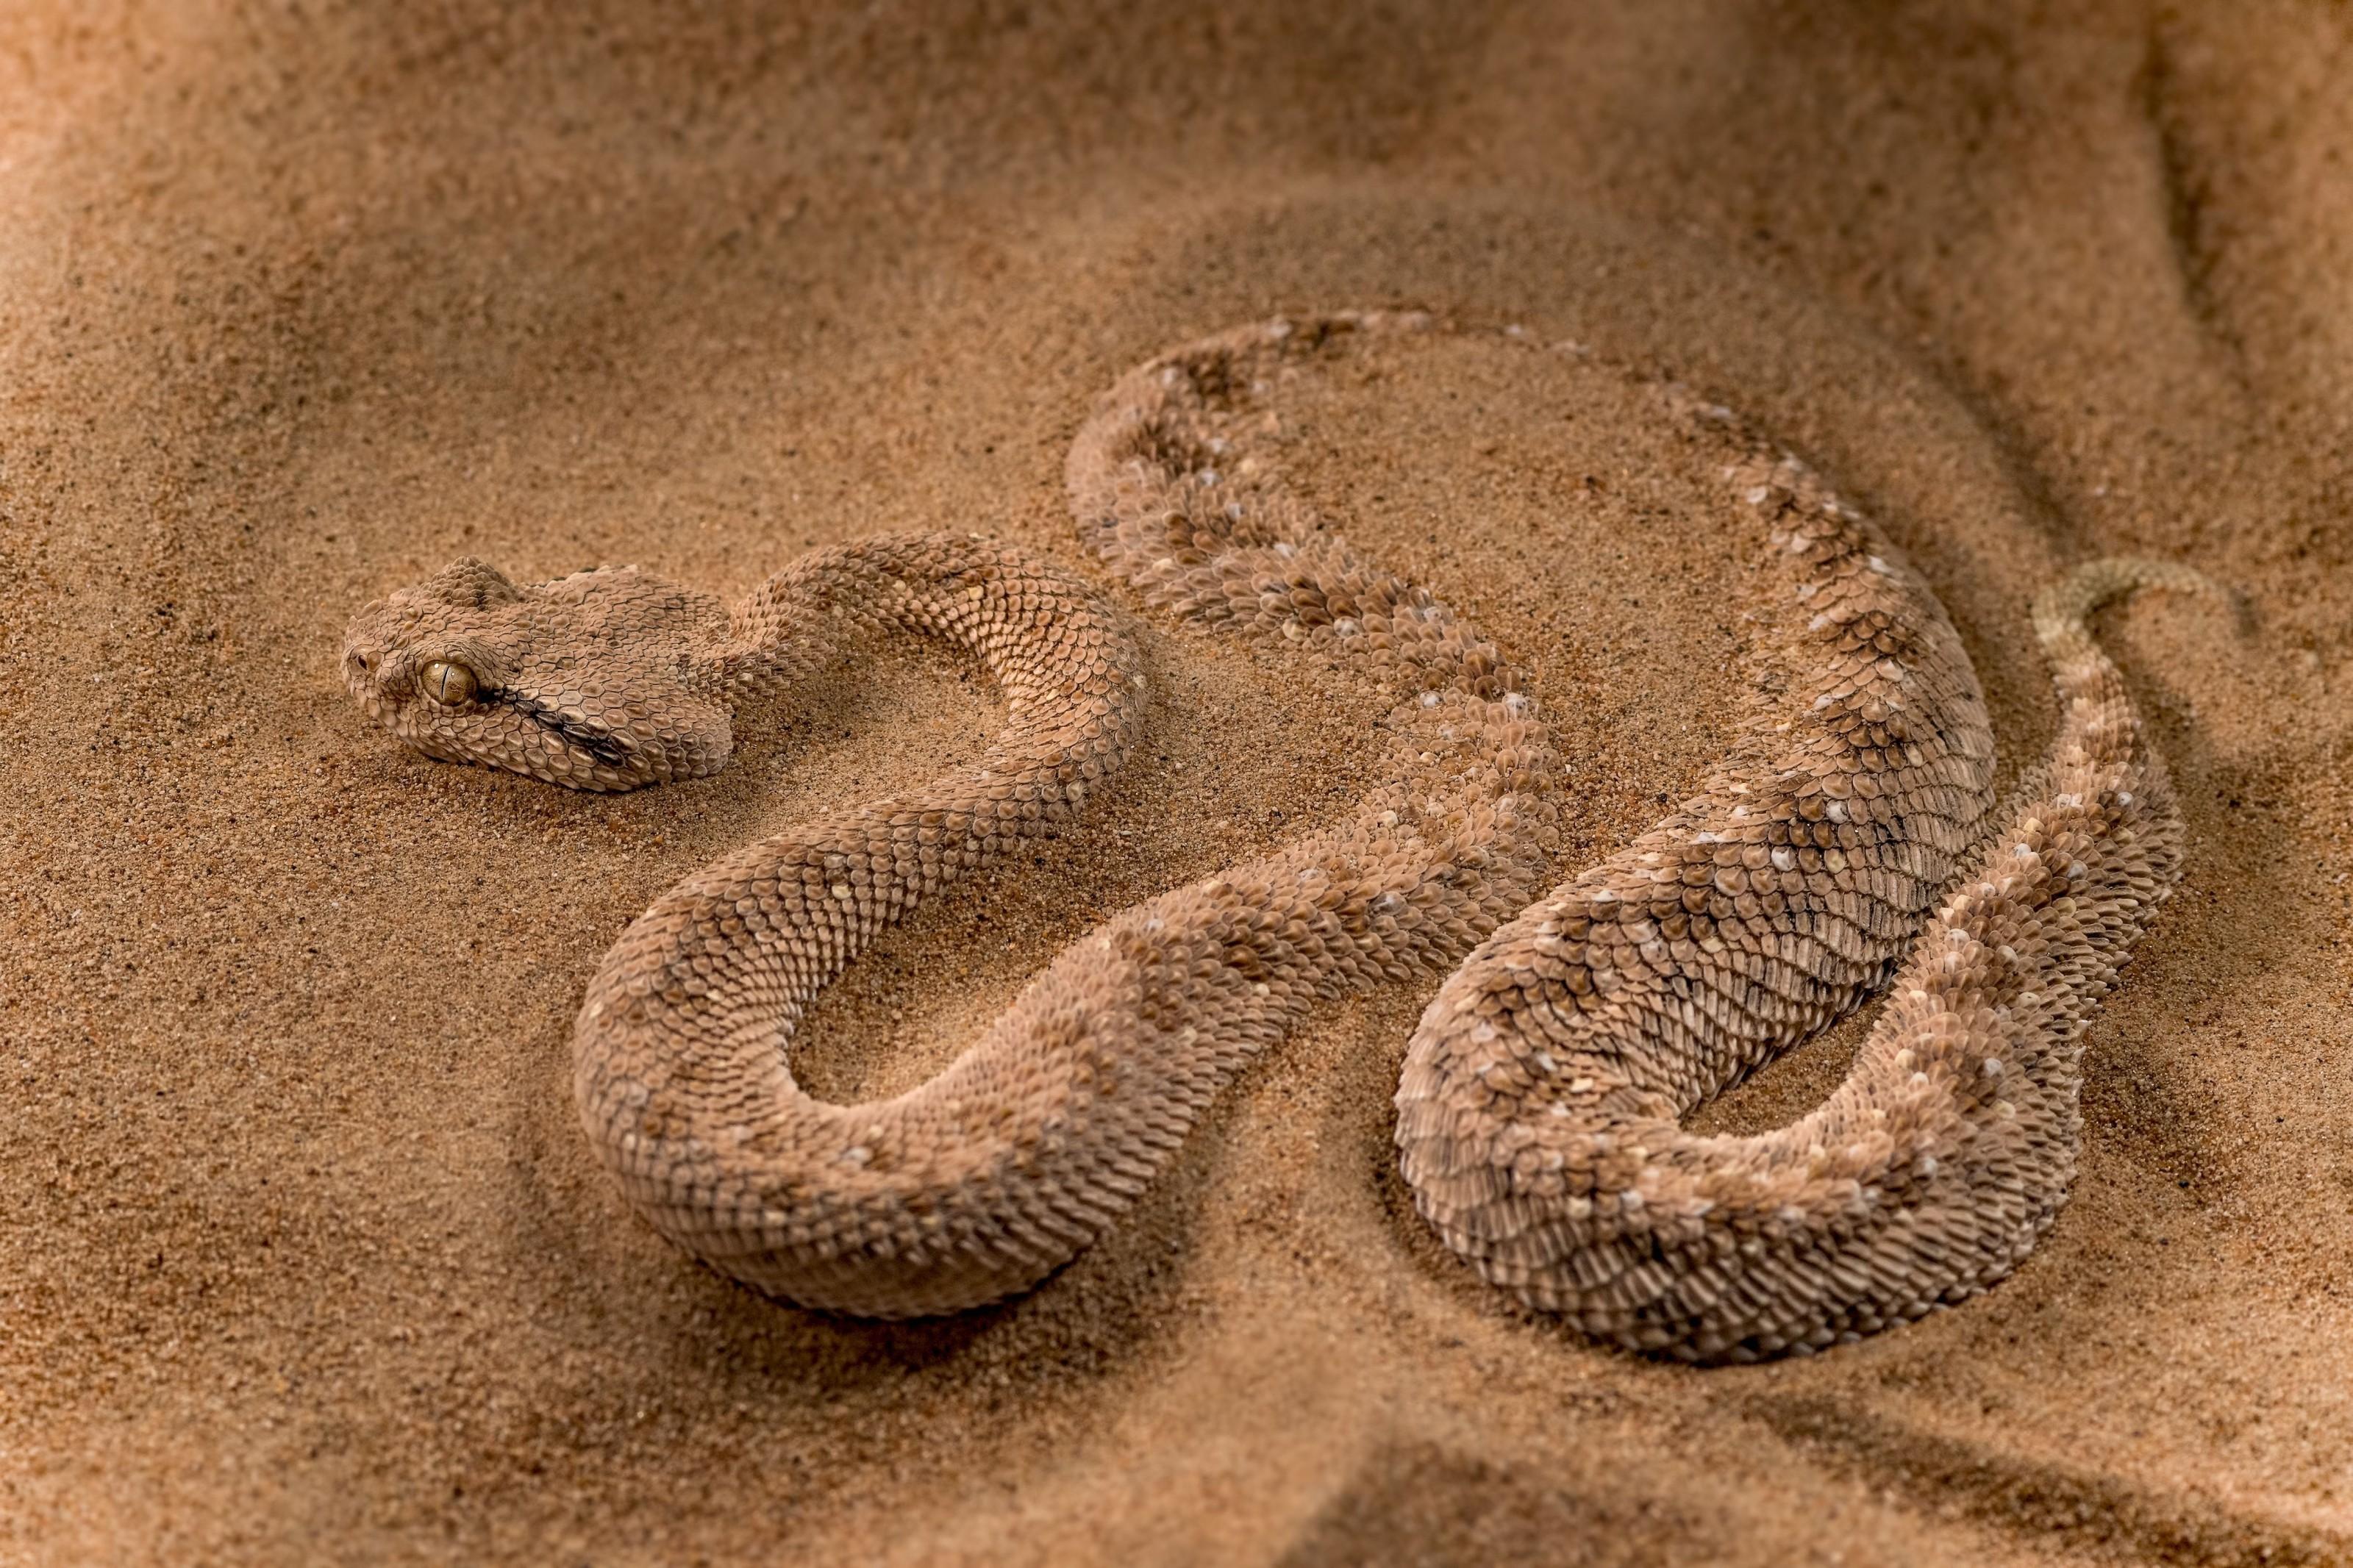 Venomous Viper